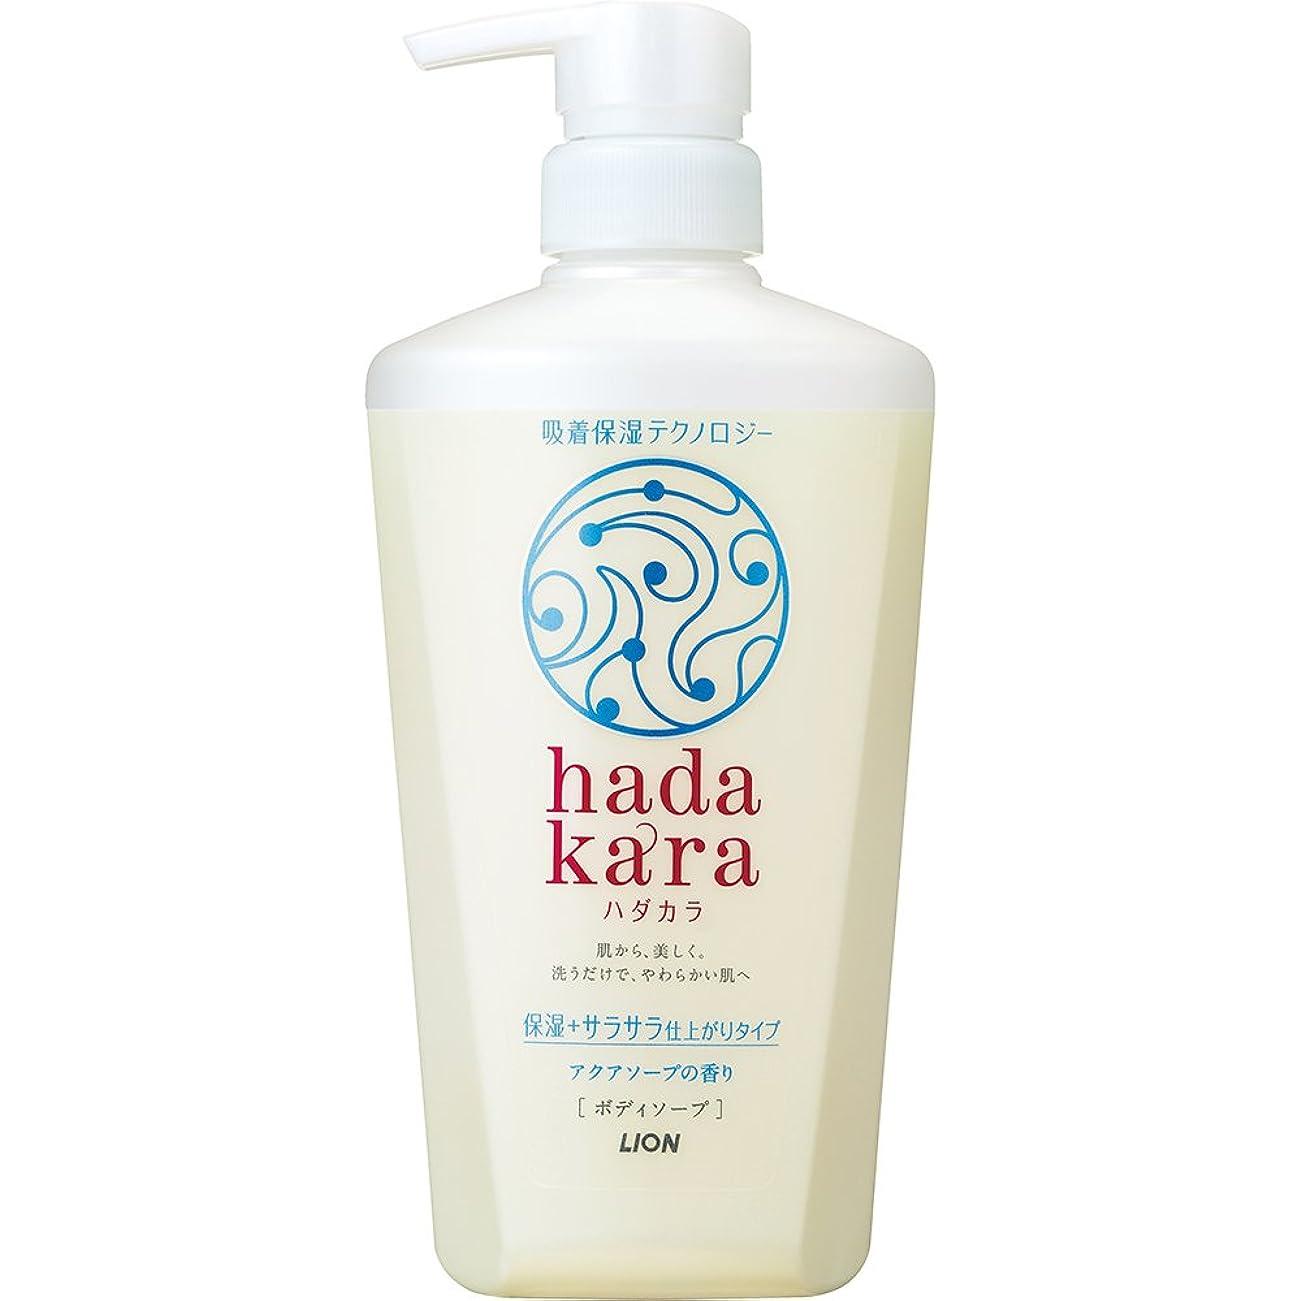 是正する愛情セールスマンhadakara(ハダカラ) ボディソープ 保湿+サラサラ仕上がりタイプ アクアソープの香り 本体 480ml